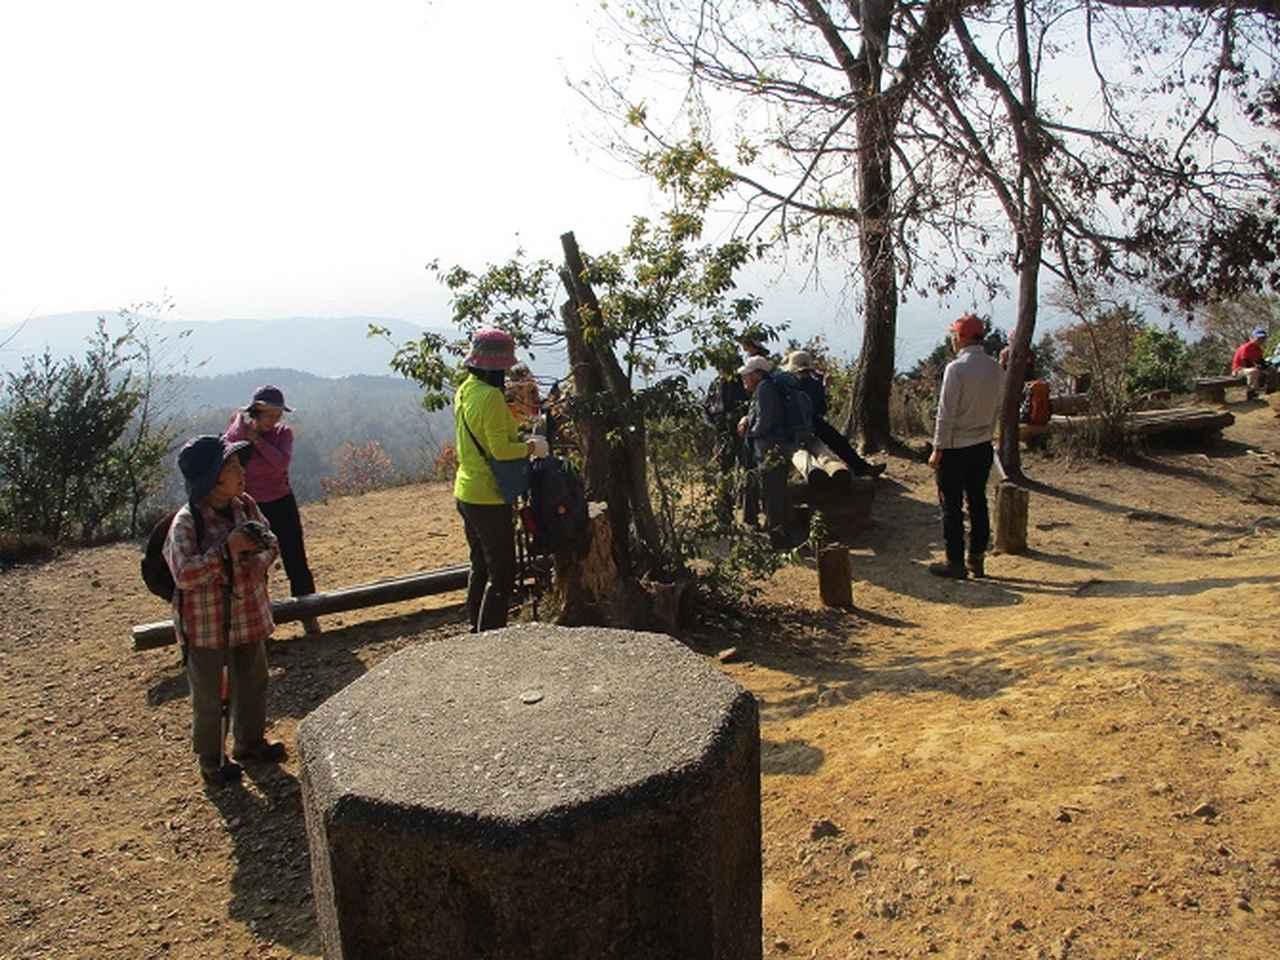 画像7: 11月27日より2泊3日で 山旅会 「京都」 へ行ってきました!